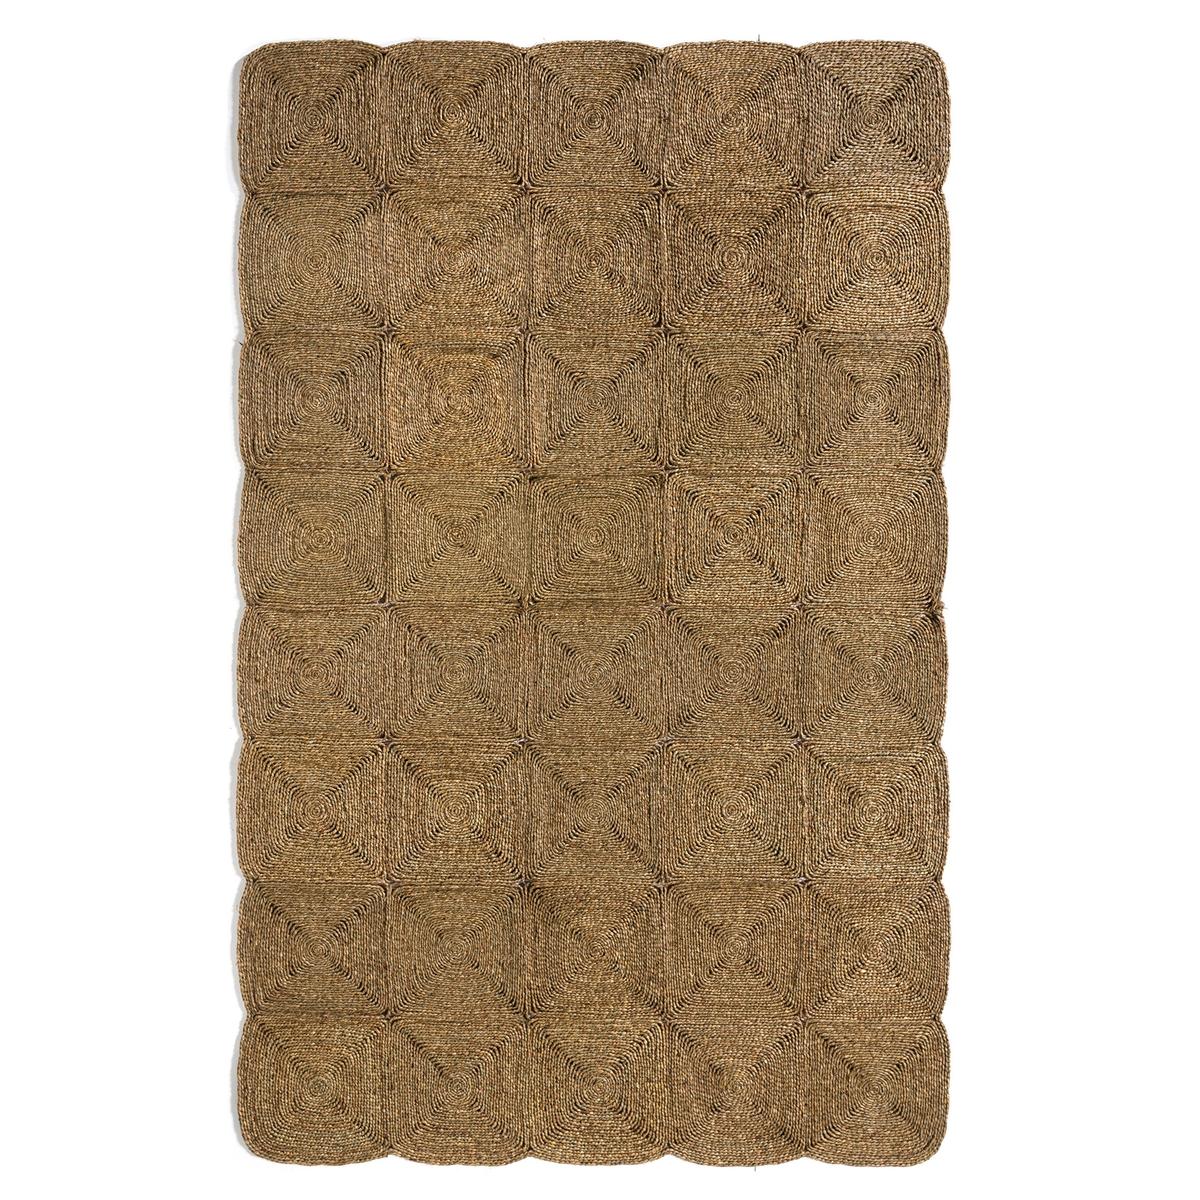 Ковер из водного гиацинта, HyacinКовер Hyacin. Ковер добавит натуральные, современные и экзотические штрихи в ваш декор. Естественный термо и звукоизолятор, ковер соединяет пространство, согревает комнату, создает ощущение благополучия и комфорта. Это элемент декора, который придает стиль и атмосферу. Характеристики :- Из плетеного водного гиацинта- Ручное плетение- СкладнойРазмеры : - 120 x 180 см- 150 x 270 см- 210 x 300 см<br><br>Цвет: серо-бежевый<br>Размер: 120 x 180  см